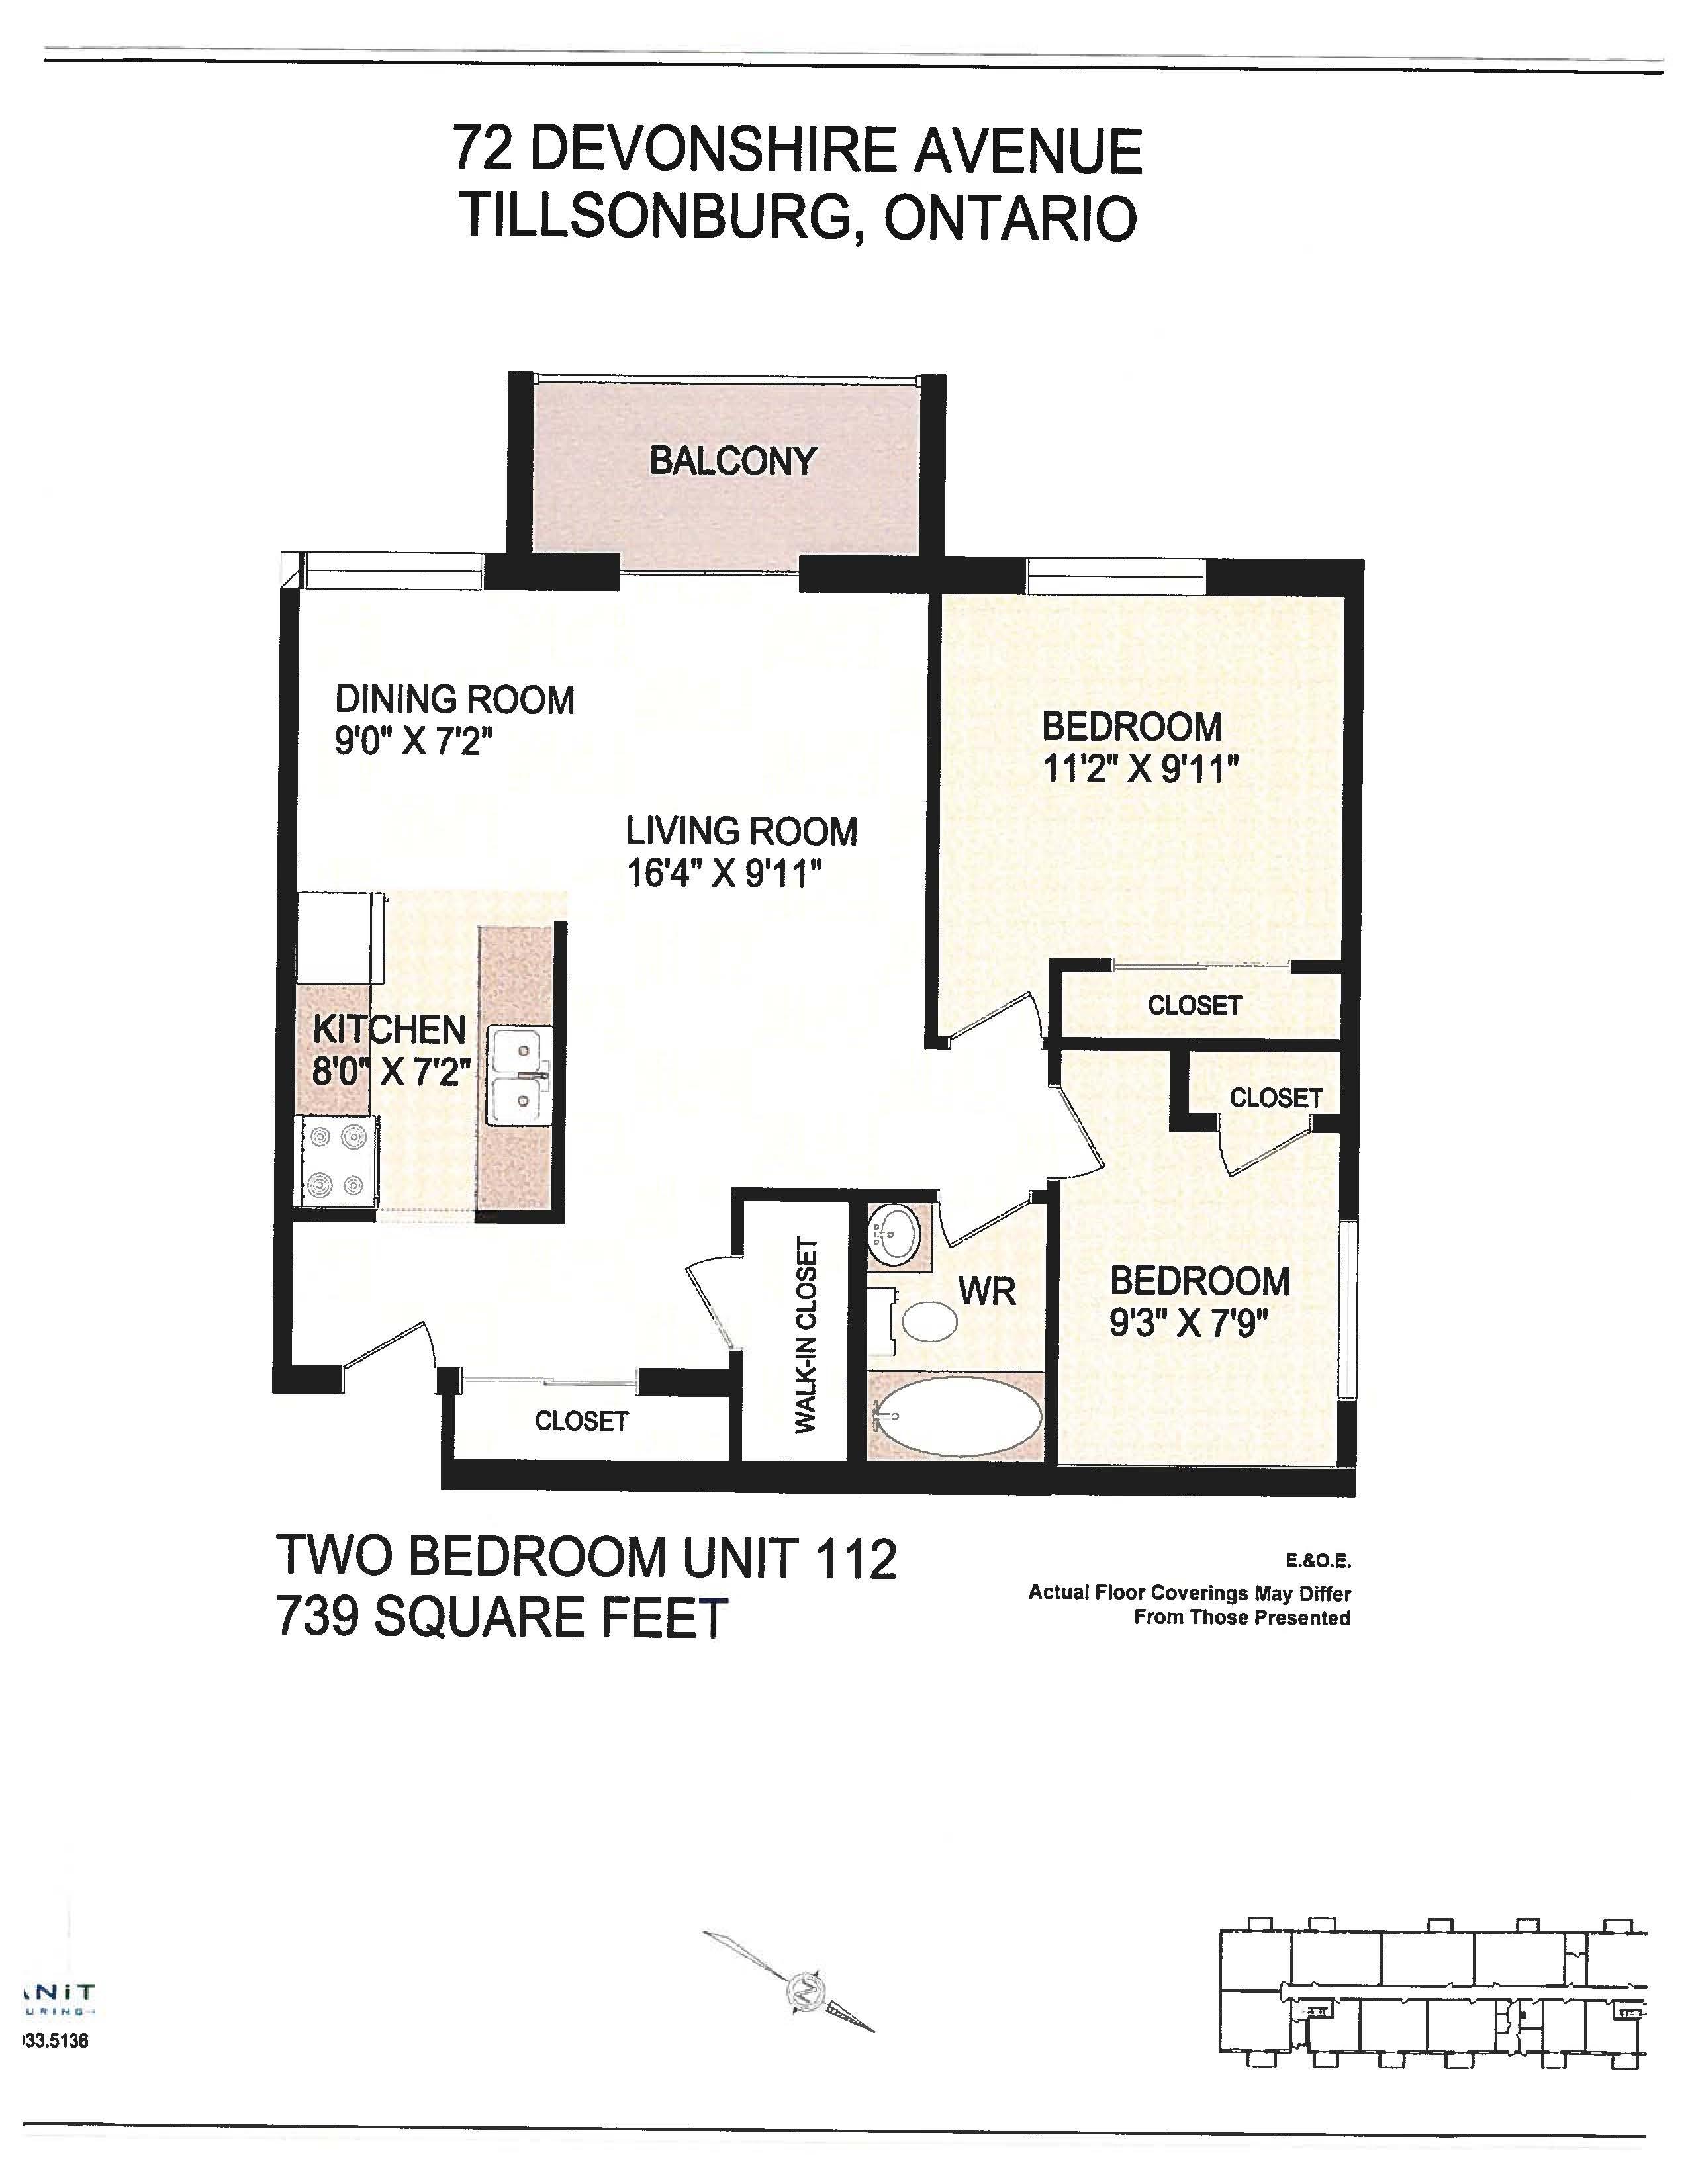 72 Devonshire Avenue Park Property Management